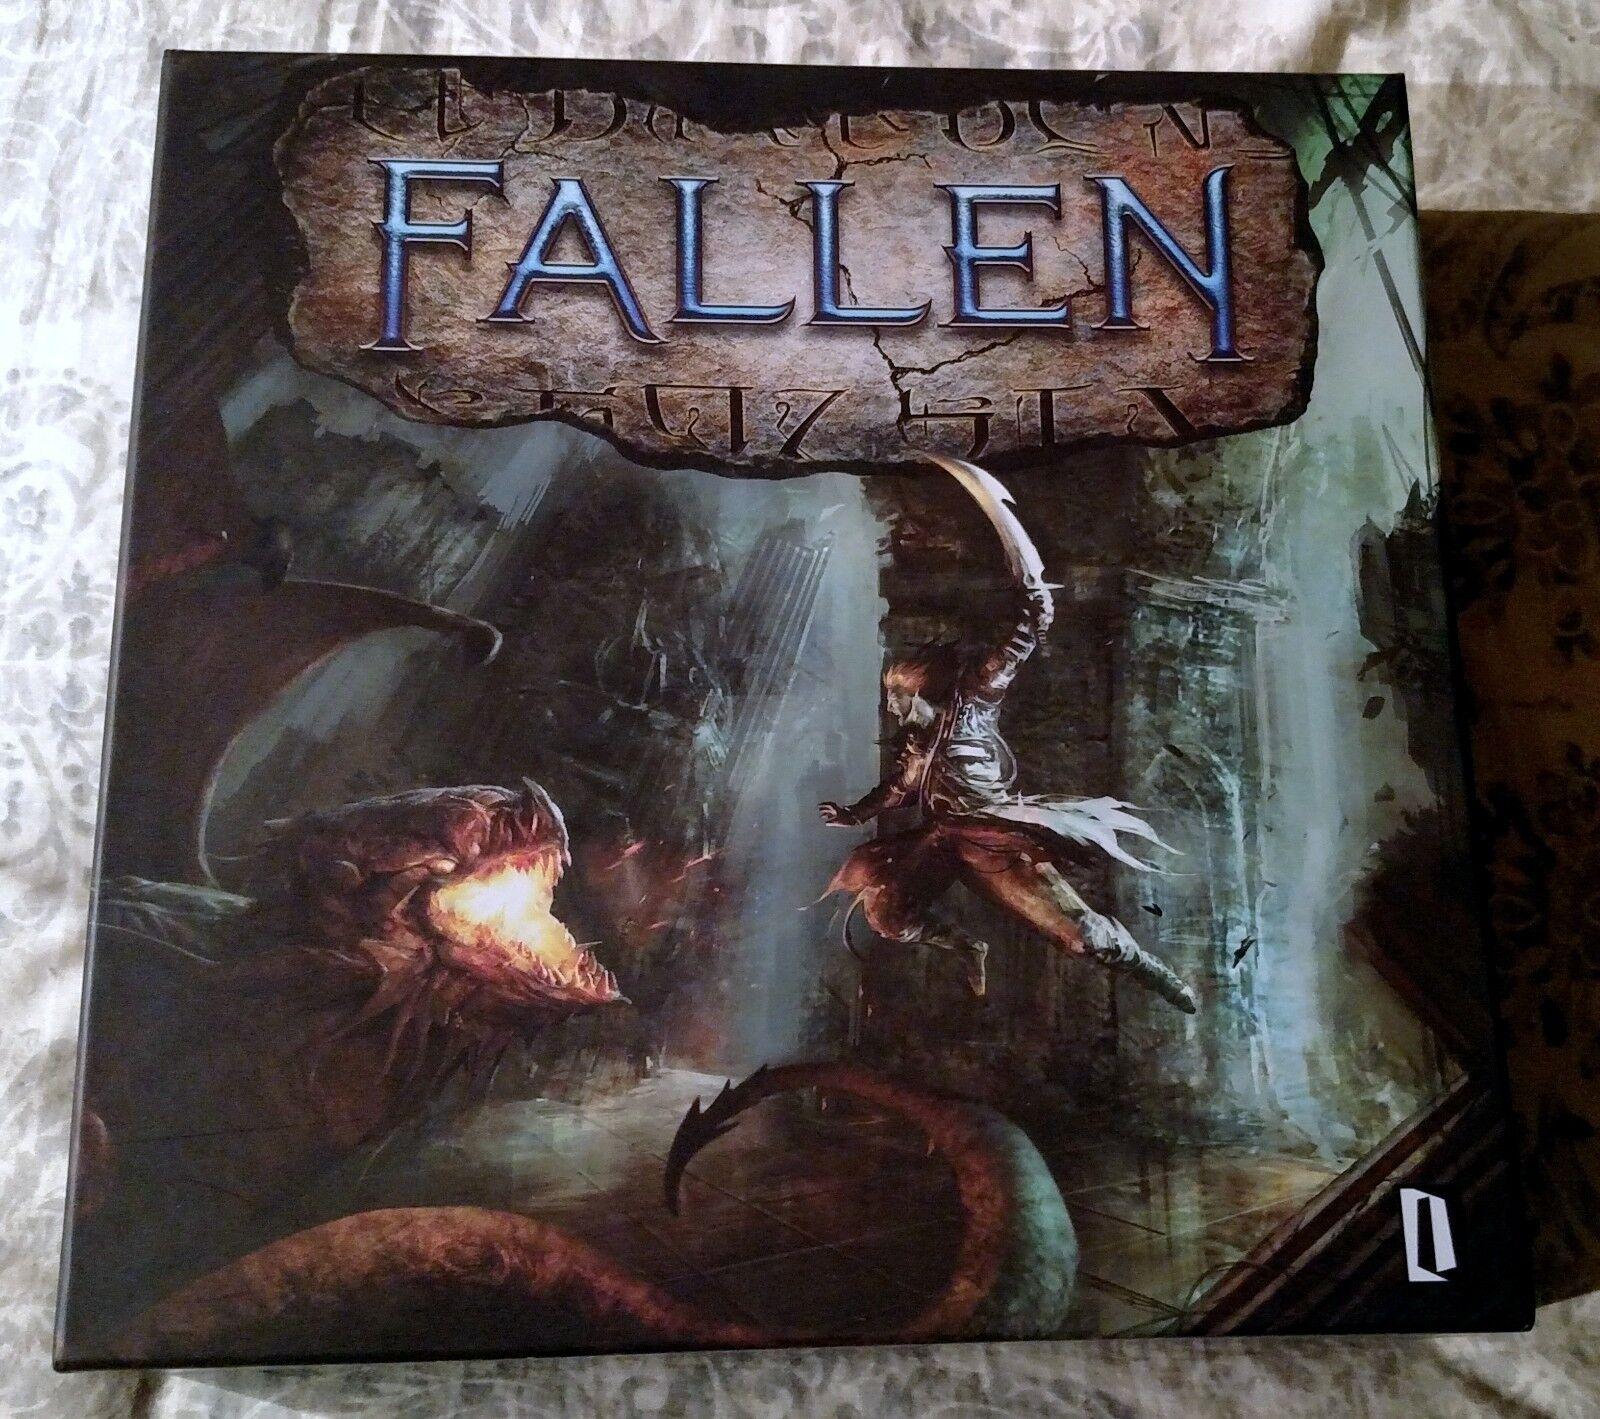 Fallen Juego de Mesa Kickstarter aventurero promesa Atalaya Juegos sin jugar